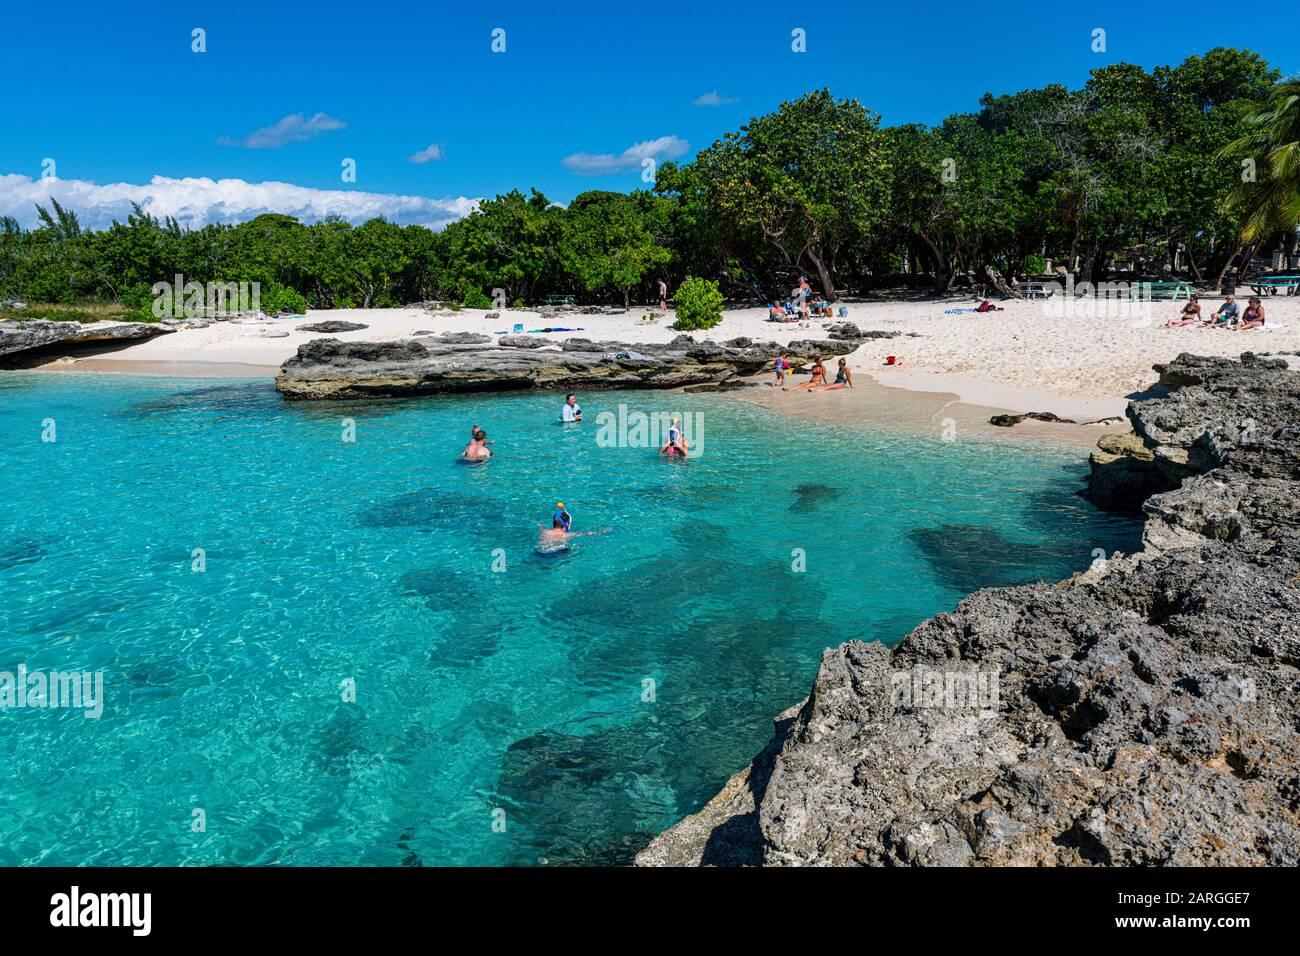 Smith'S Barcadere Crique De Sable, Grand Cayman, Îles Caïmanes, Caraïbes, Amérique Centrale Banque D'Images